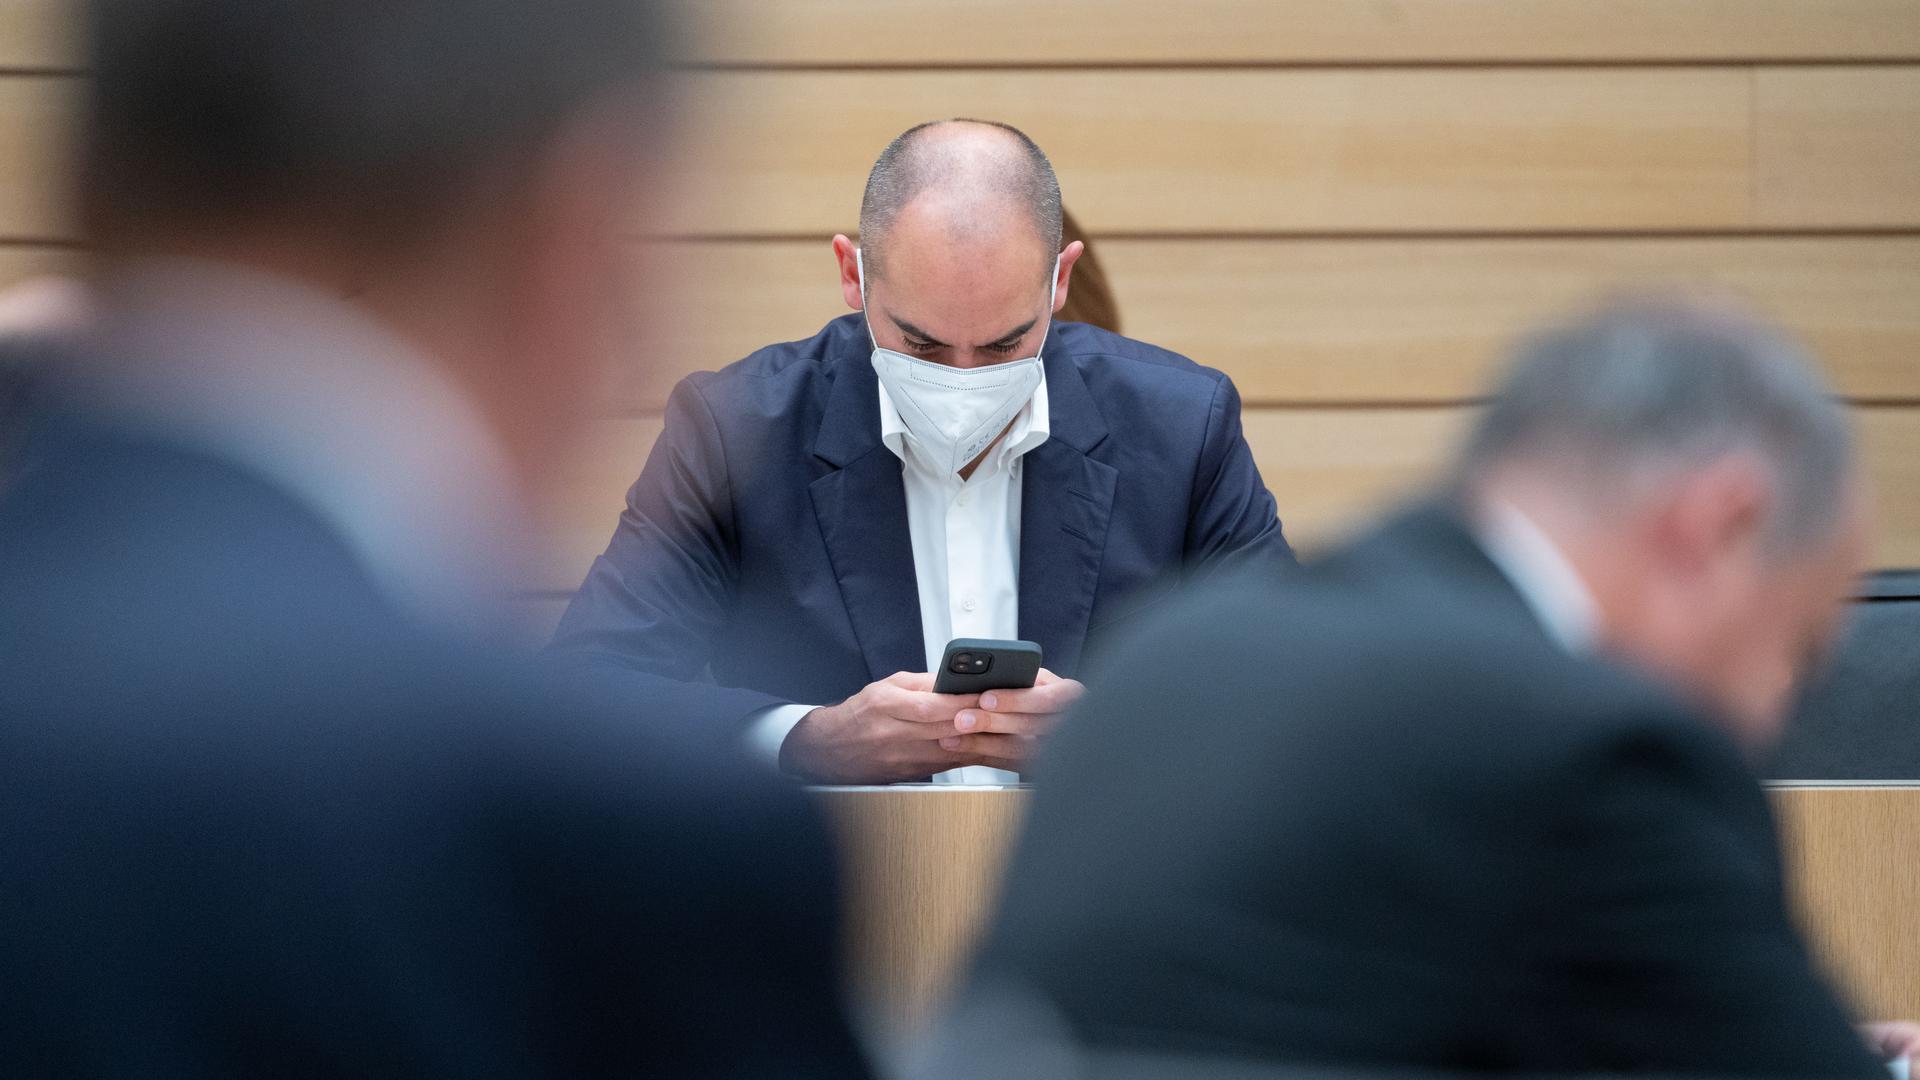 Danyal Bayaz (Bündnis 90/Die Grünen), Finanzminister von Baden-Württemberg, nimmt an einer Plenarsitzung im Landtag von Baden-Württemberg teil. +++ dpa-Bildfunk +++